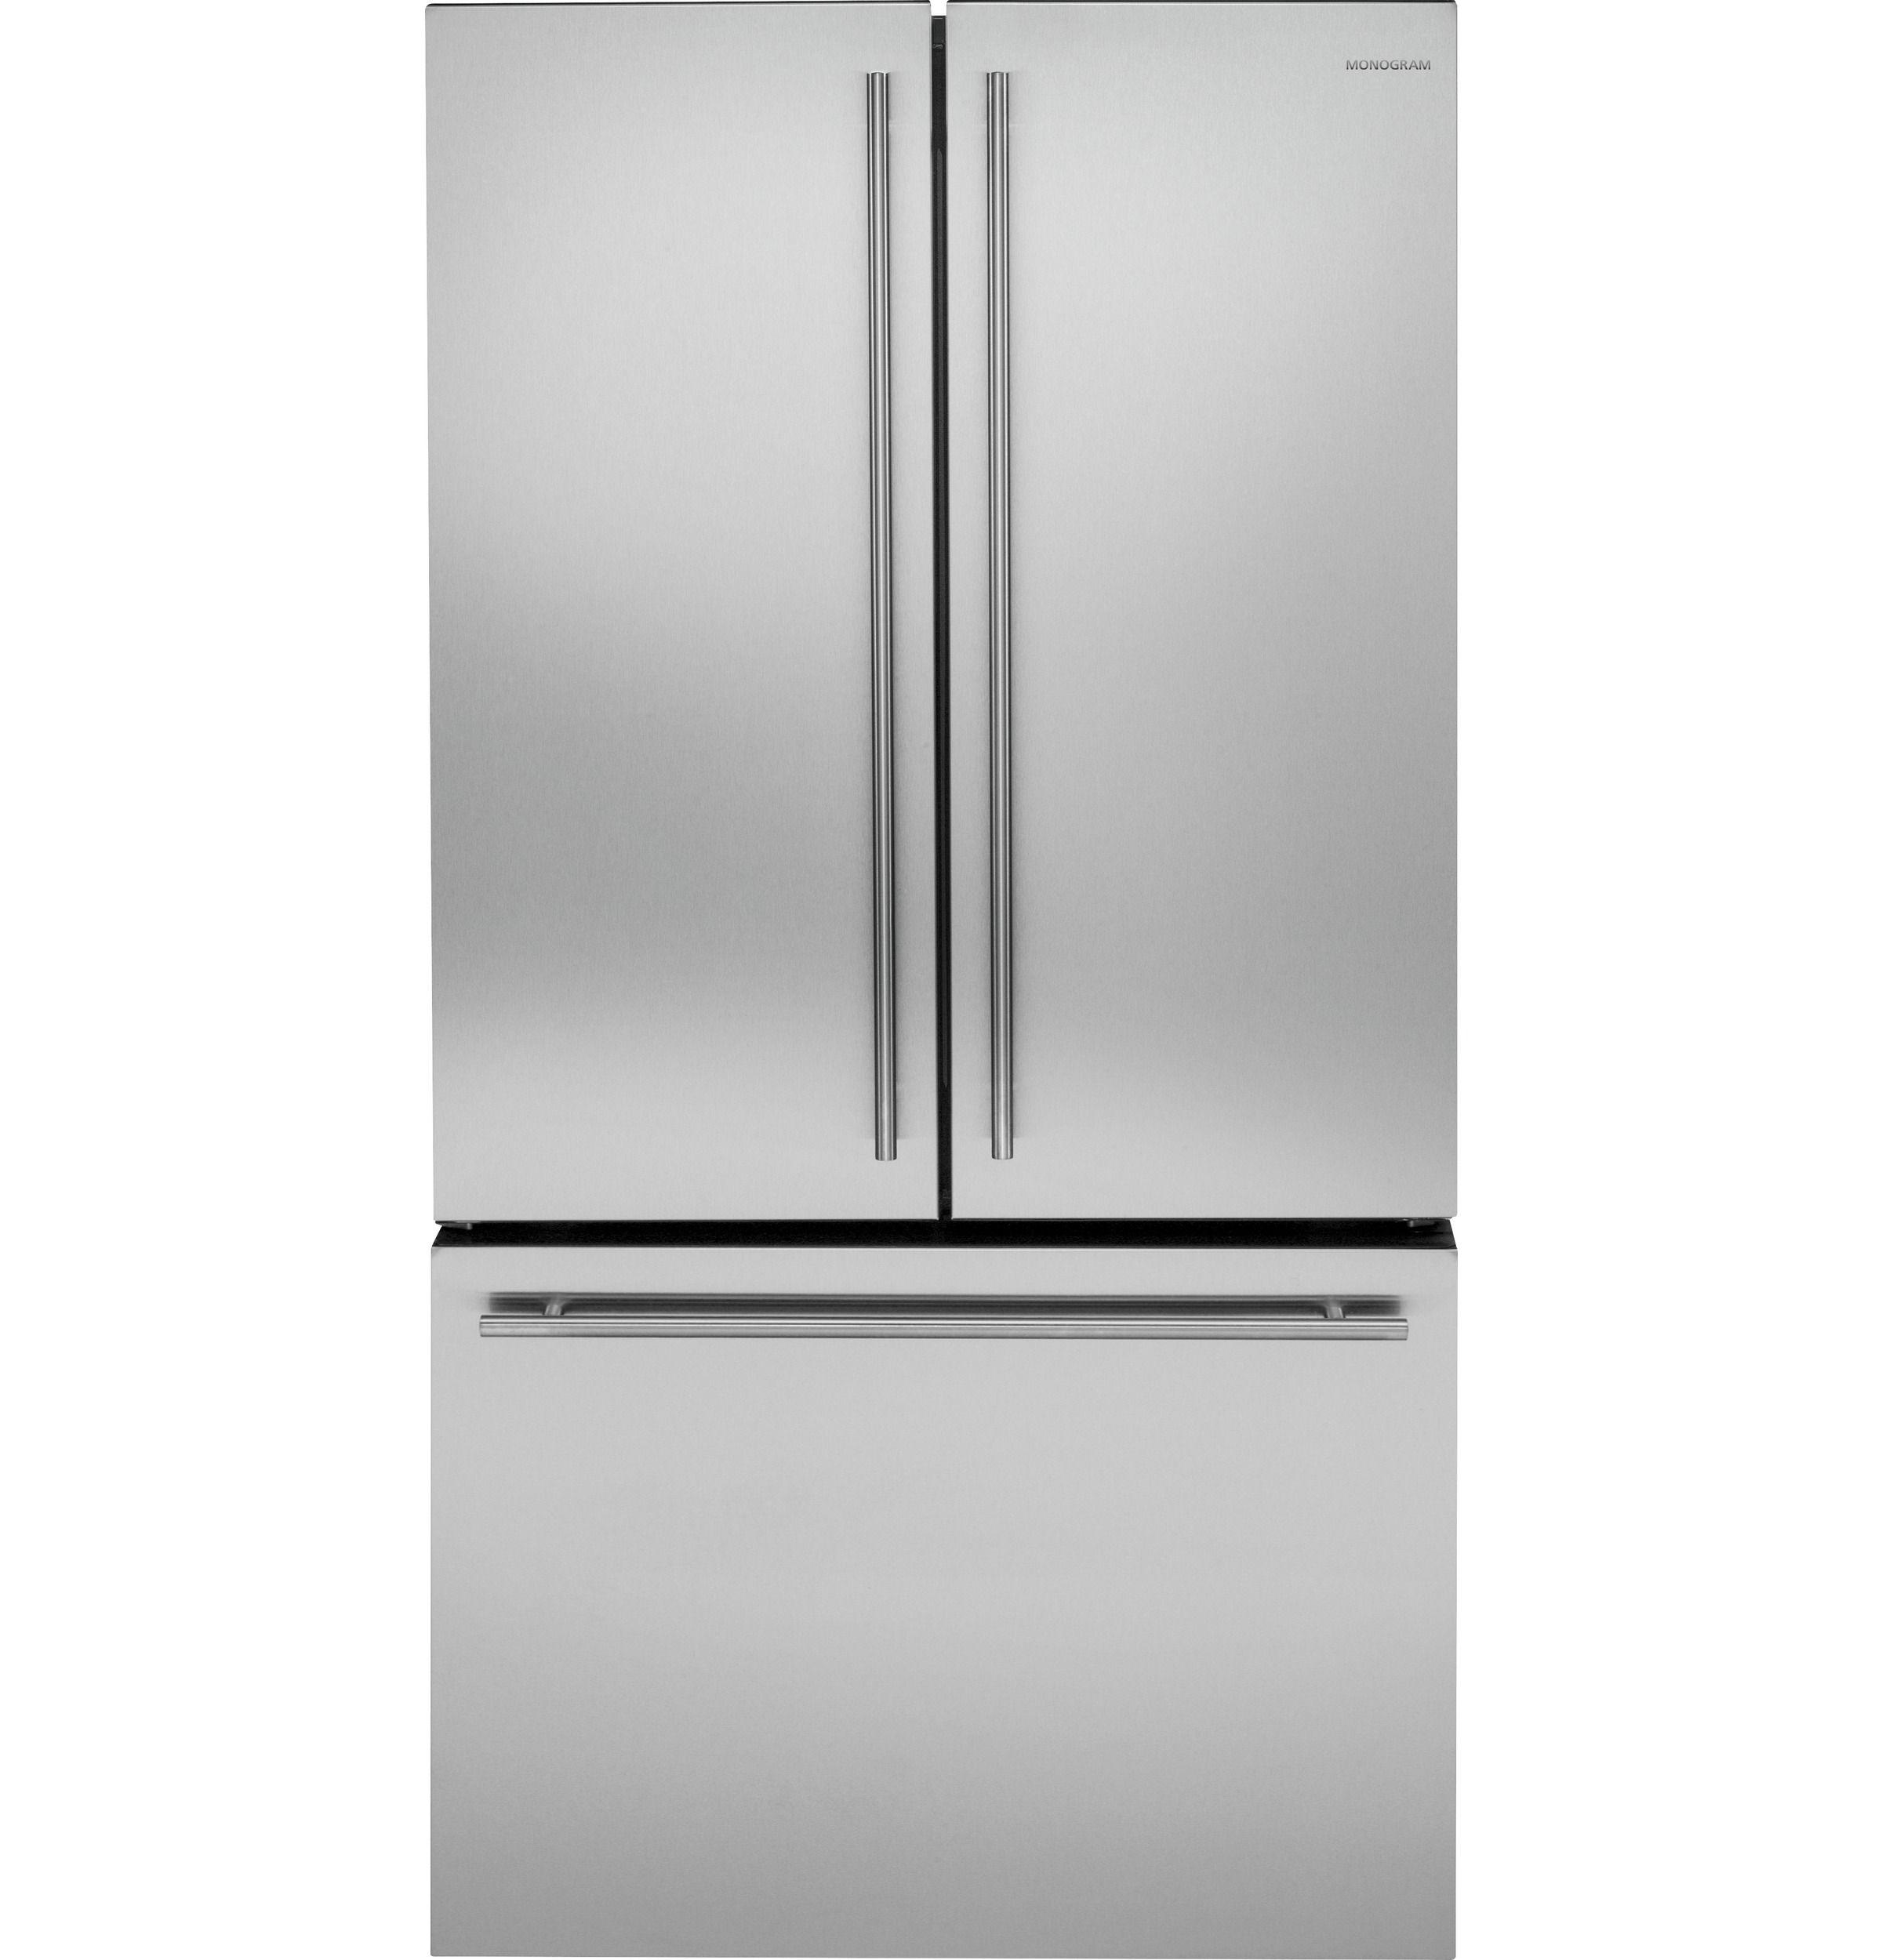 4000 Zwe23eshss Monogram Energy Star 23 1 Cu Ft Counter Depth French Door Refrigerator Monogr French Door Refrigerator French Doors Monogram Appliances